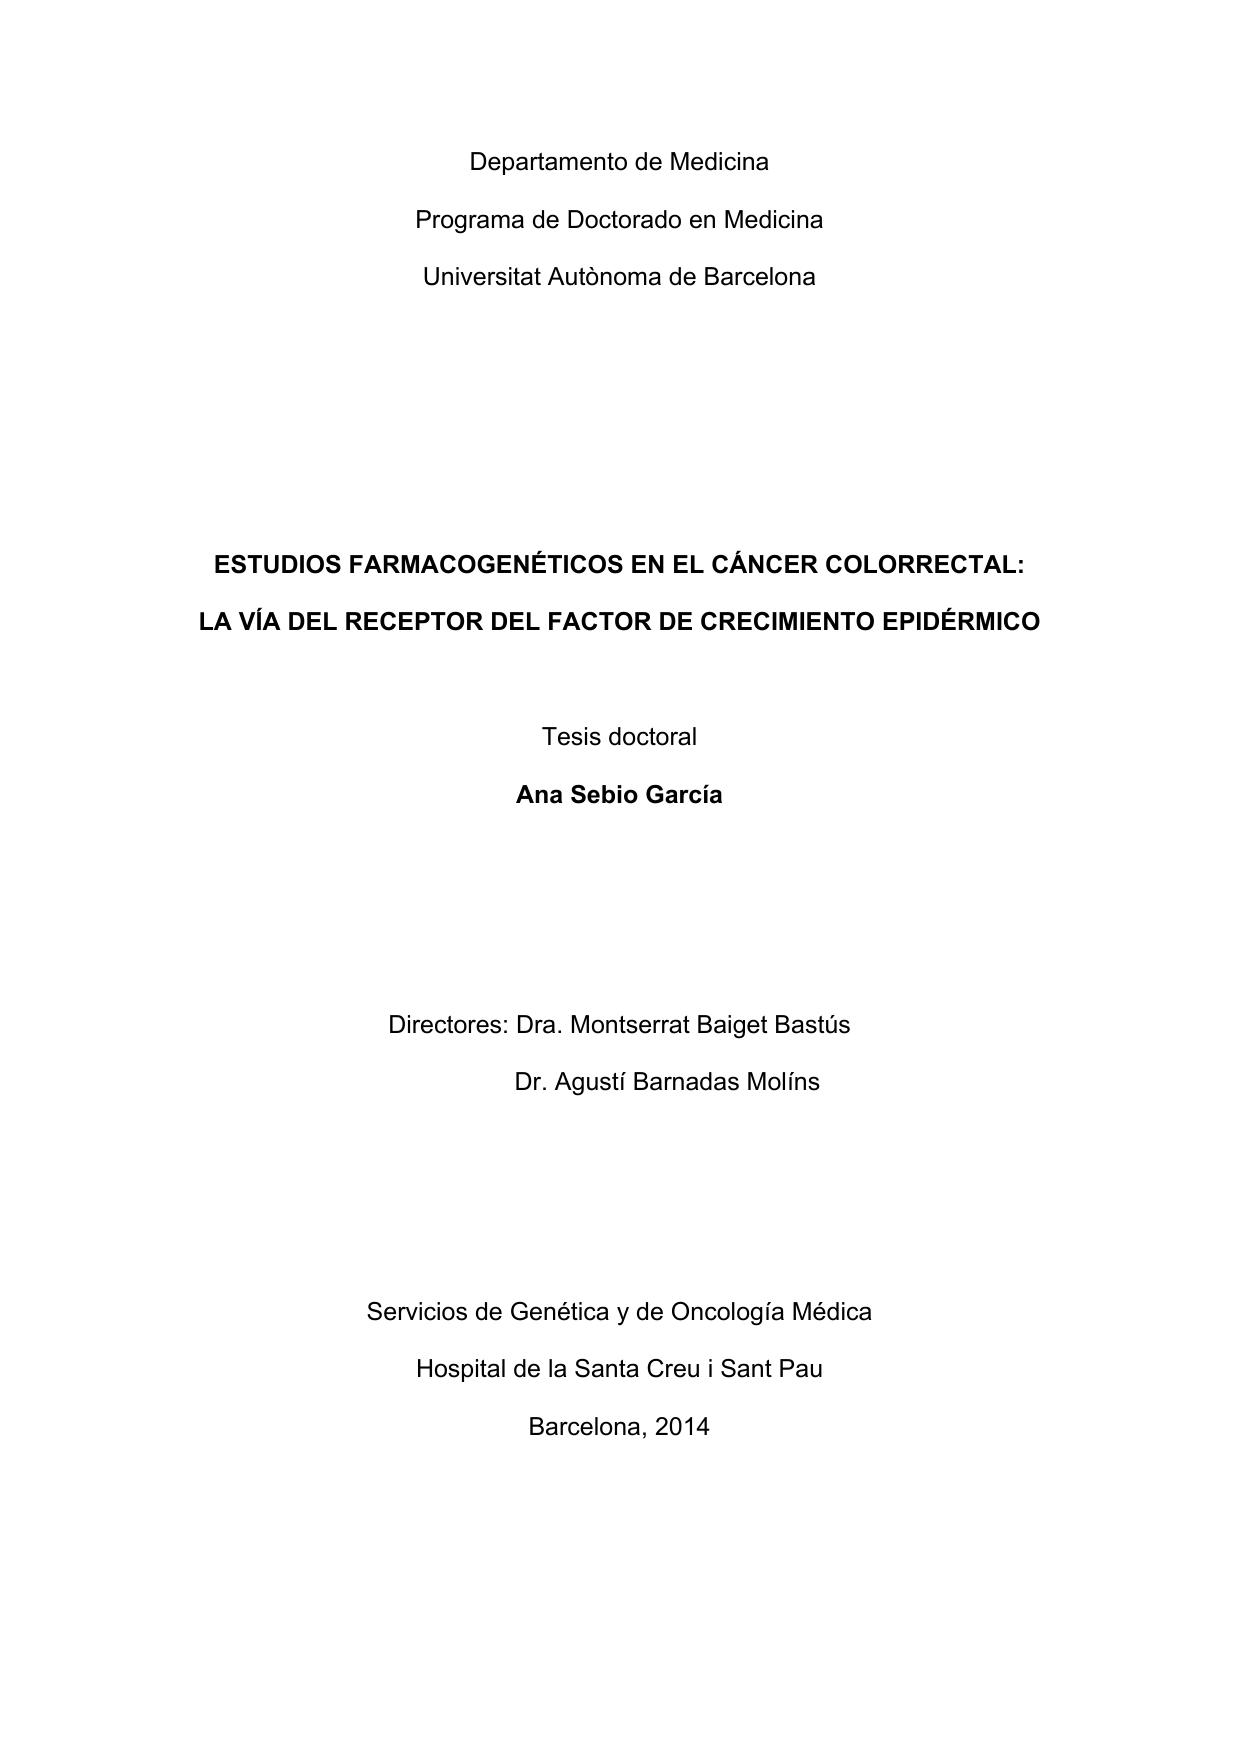 cáncer de próstata histológico genético condicional